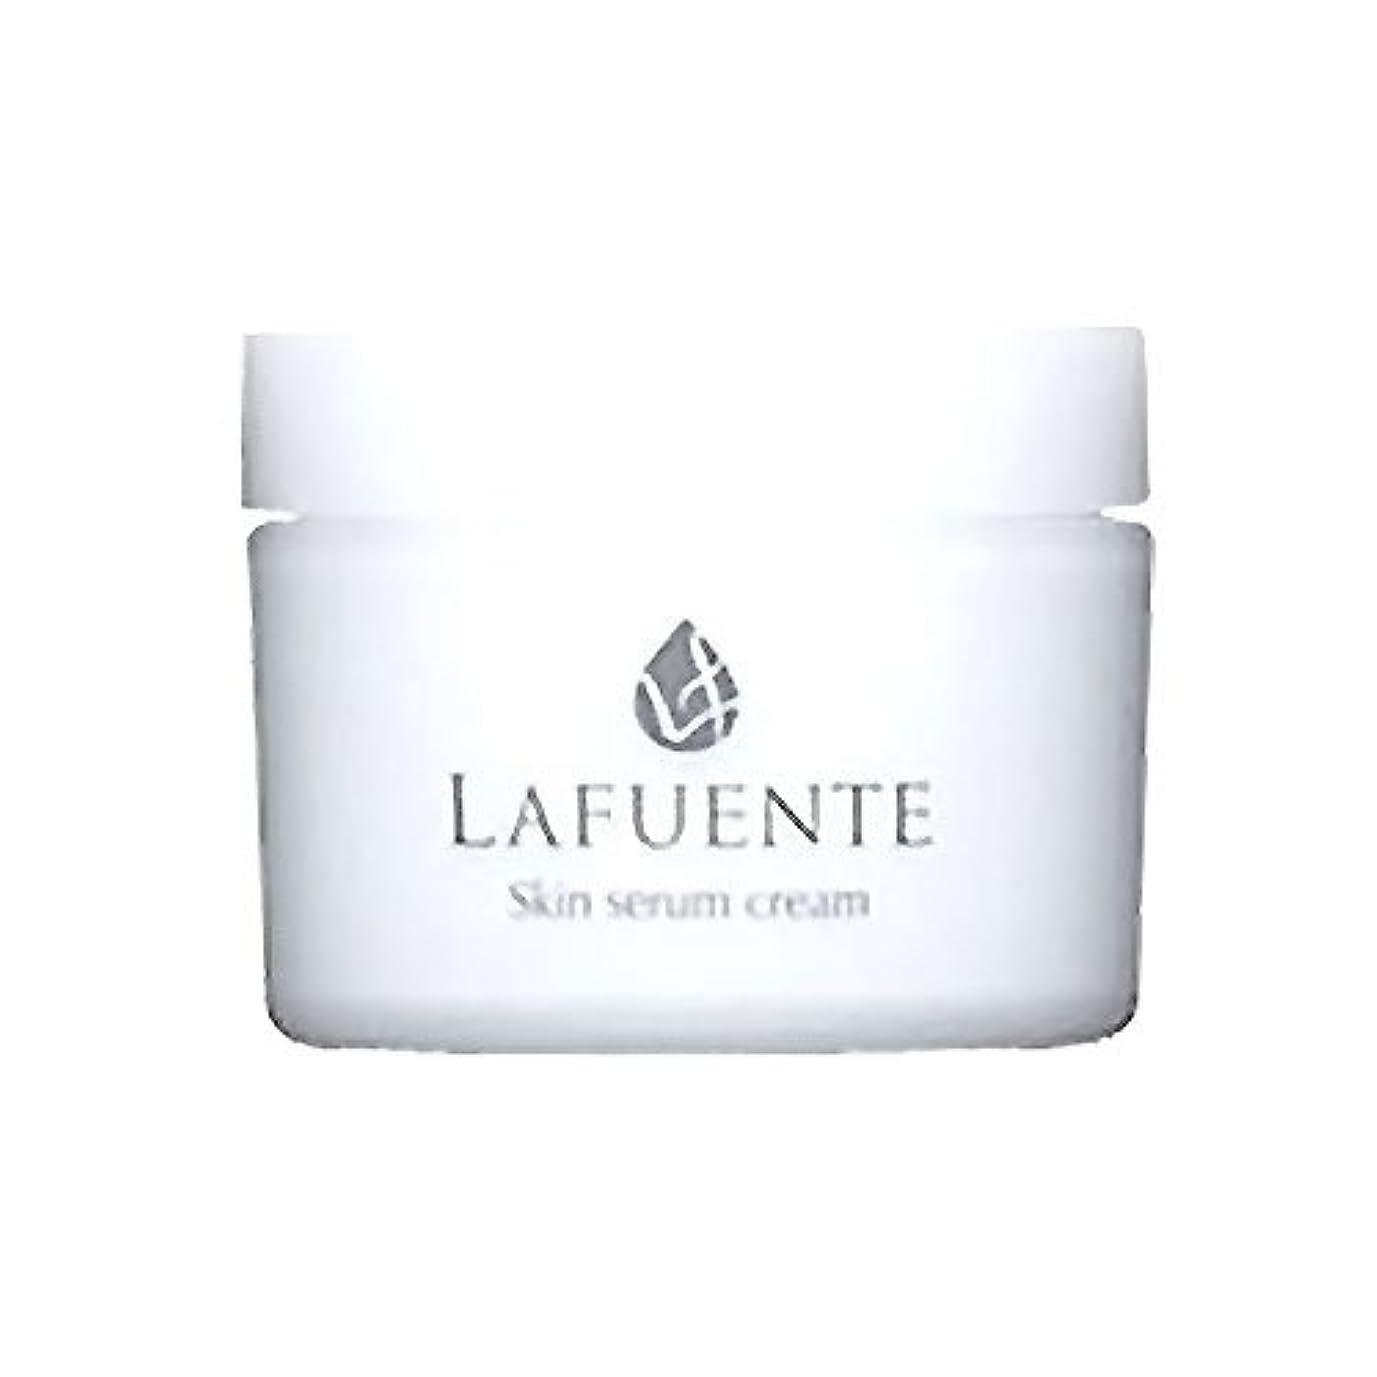 サイクル赤外線食事を調理するLAFUNTE (ラファンテ) スキンセラムクリーム 50g